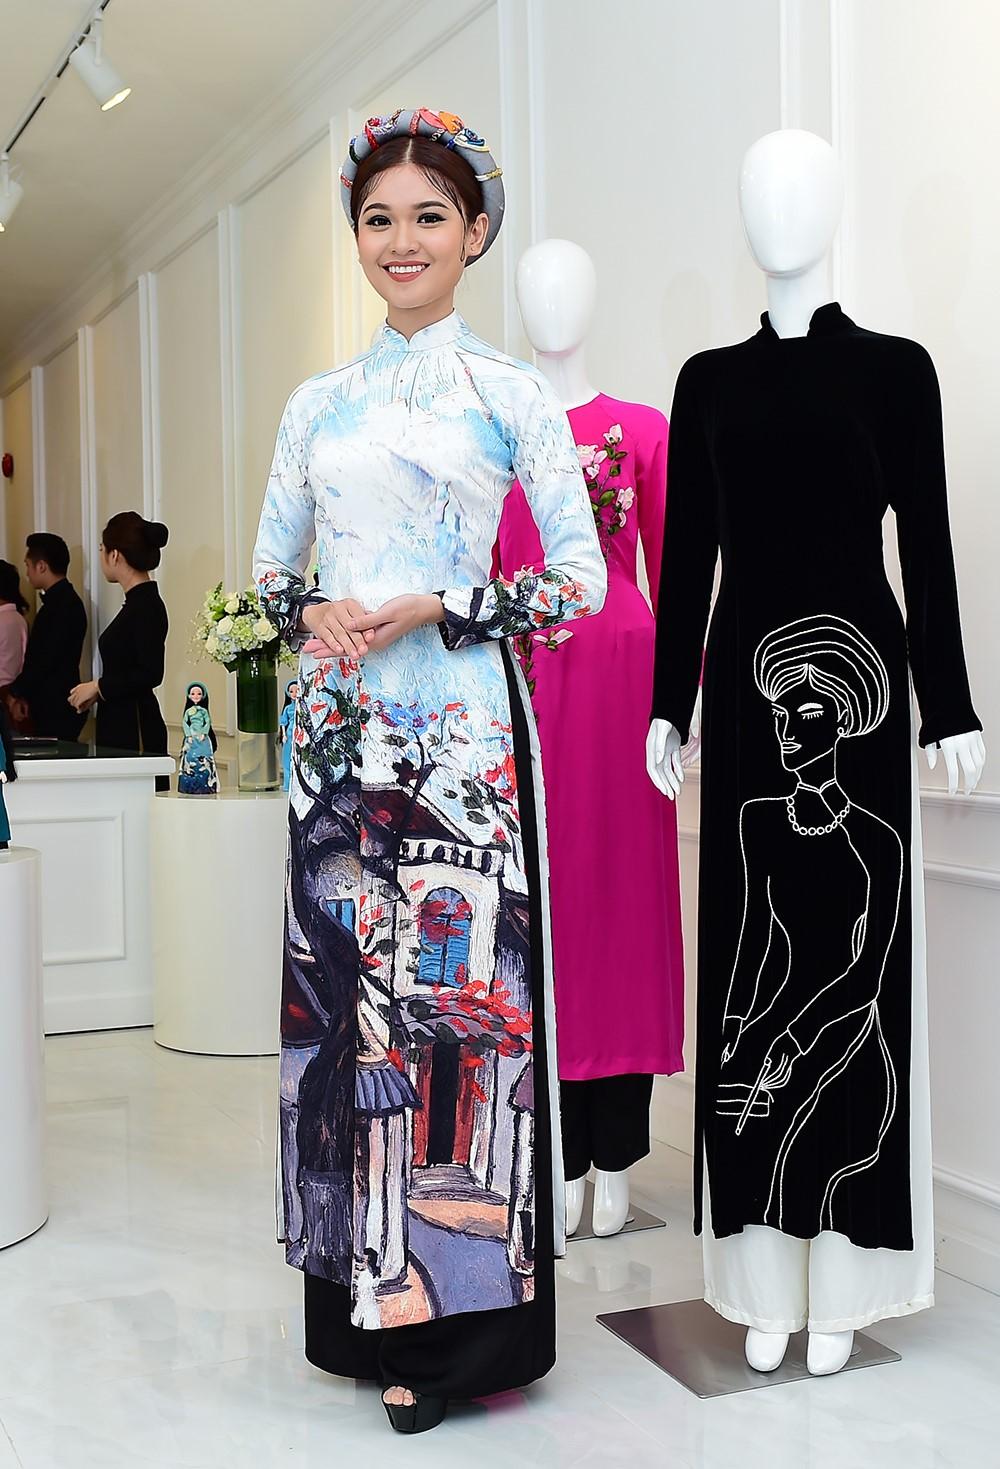 Áo dài với nhiều hình cách điệu thích hợp với các dịp dự sự kiện hay dạo phố